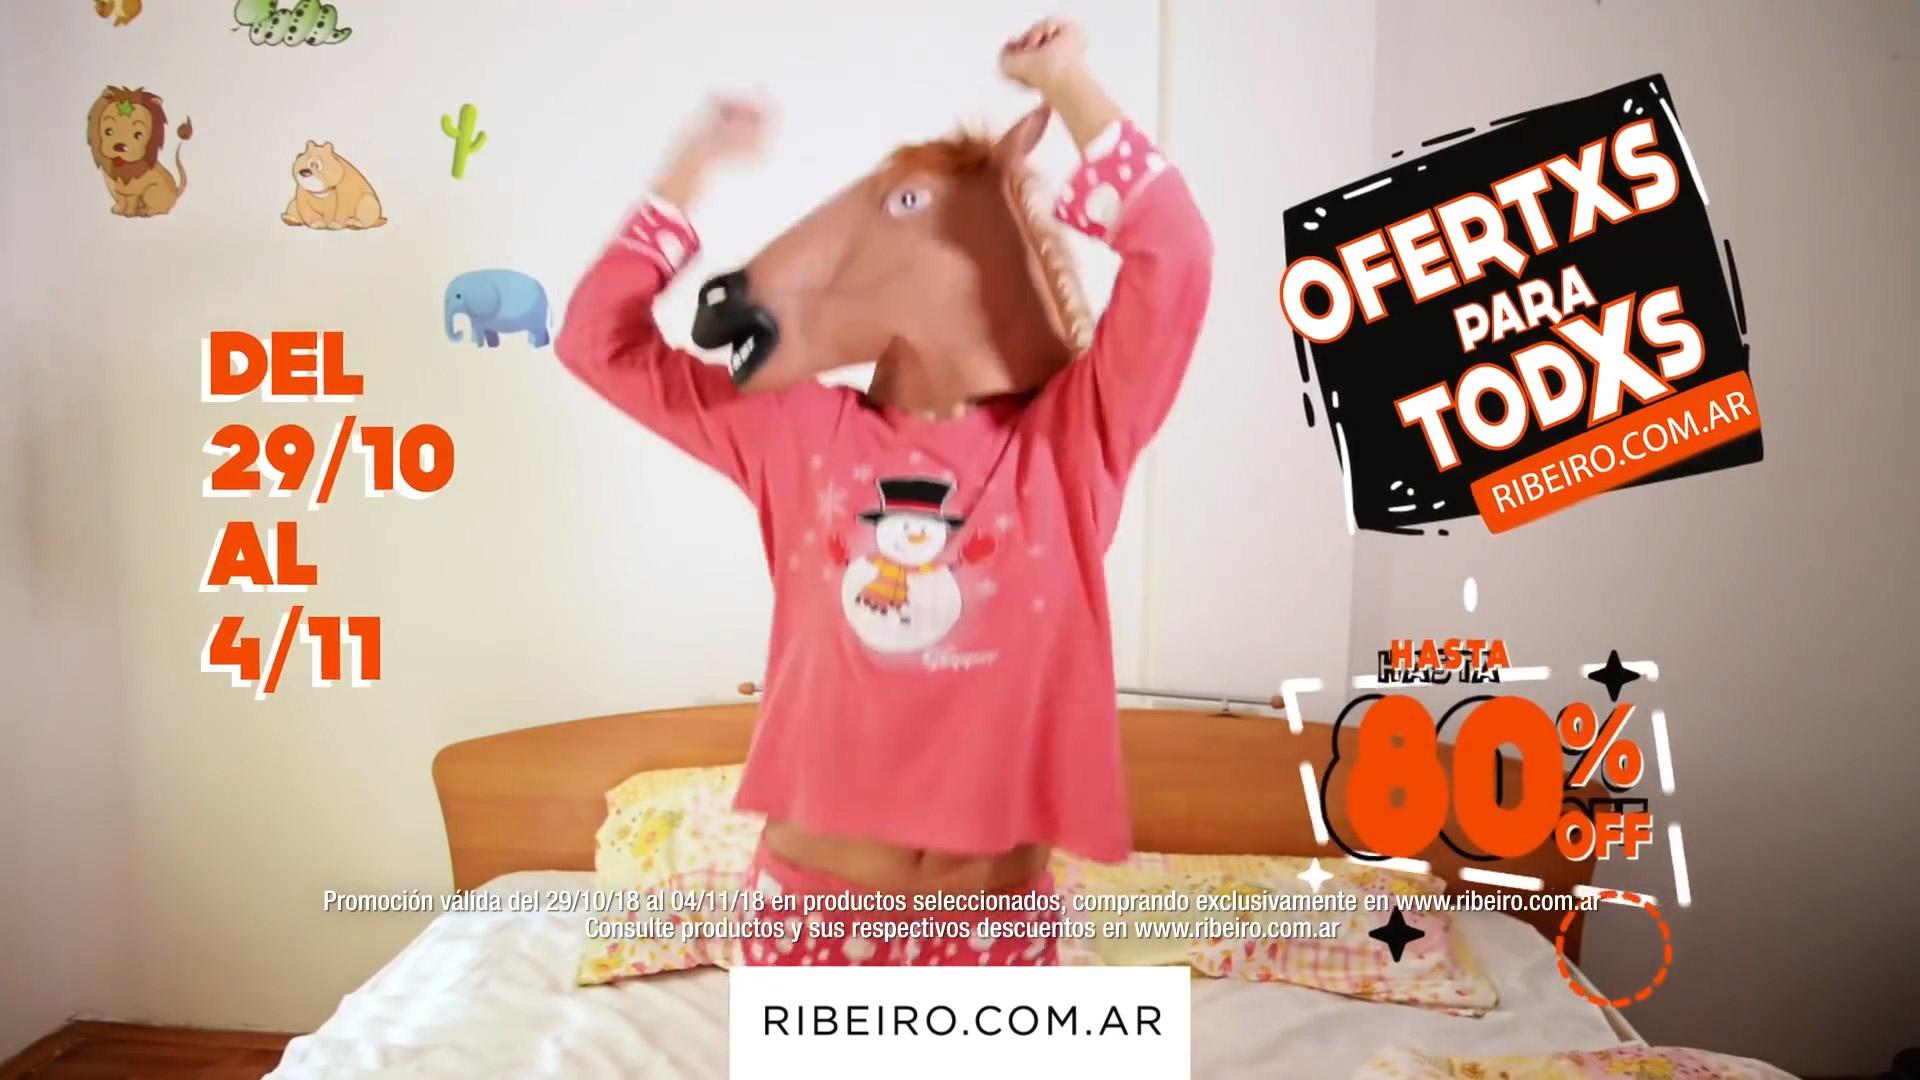 Ribeiro – Ofertxs para todxs